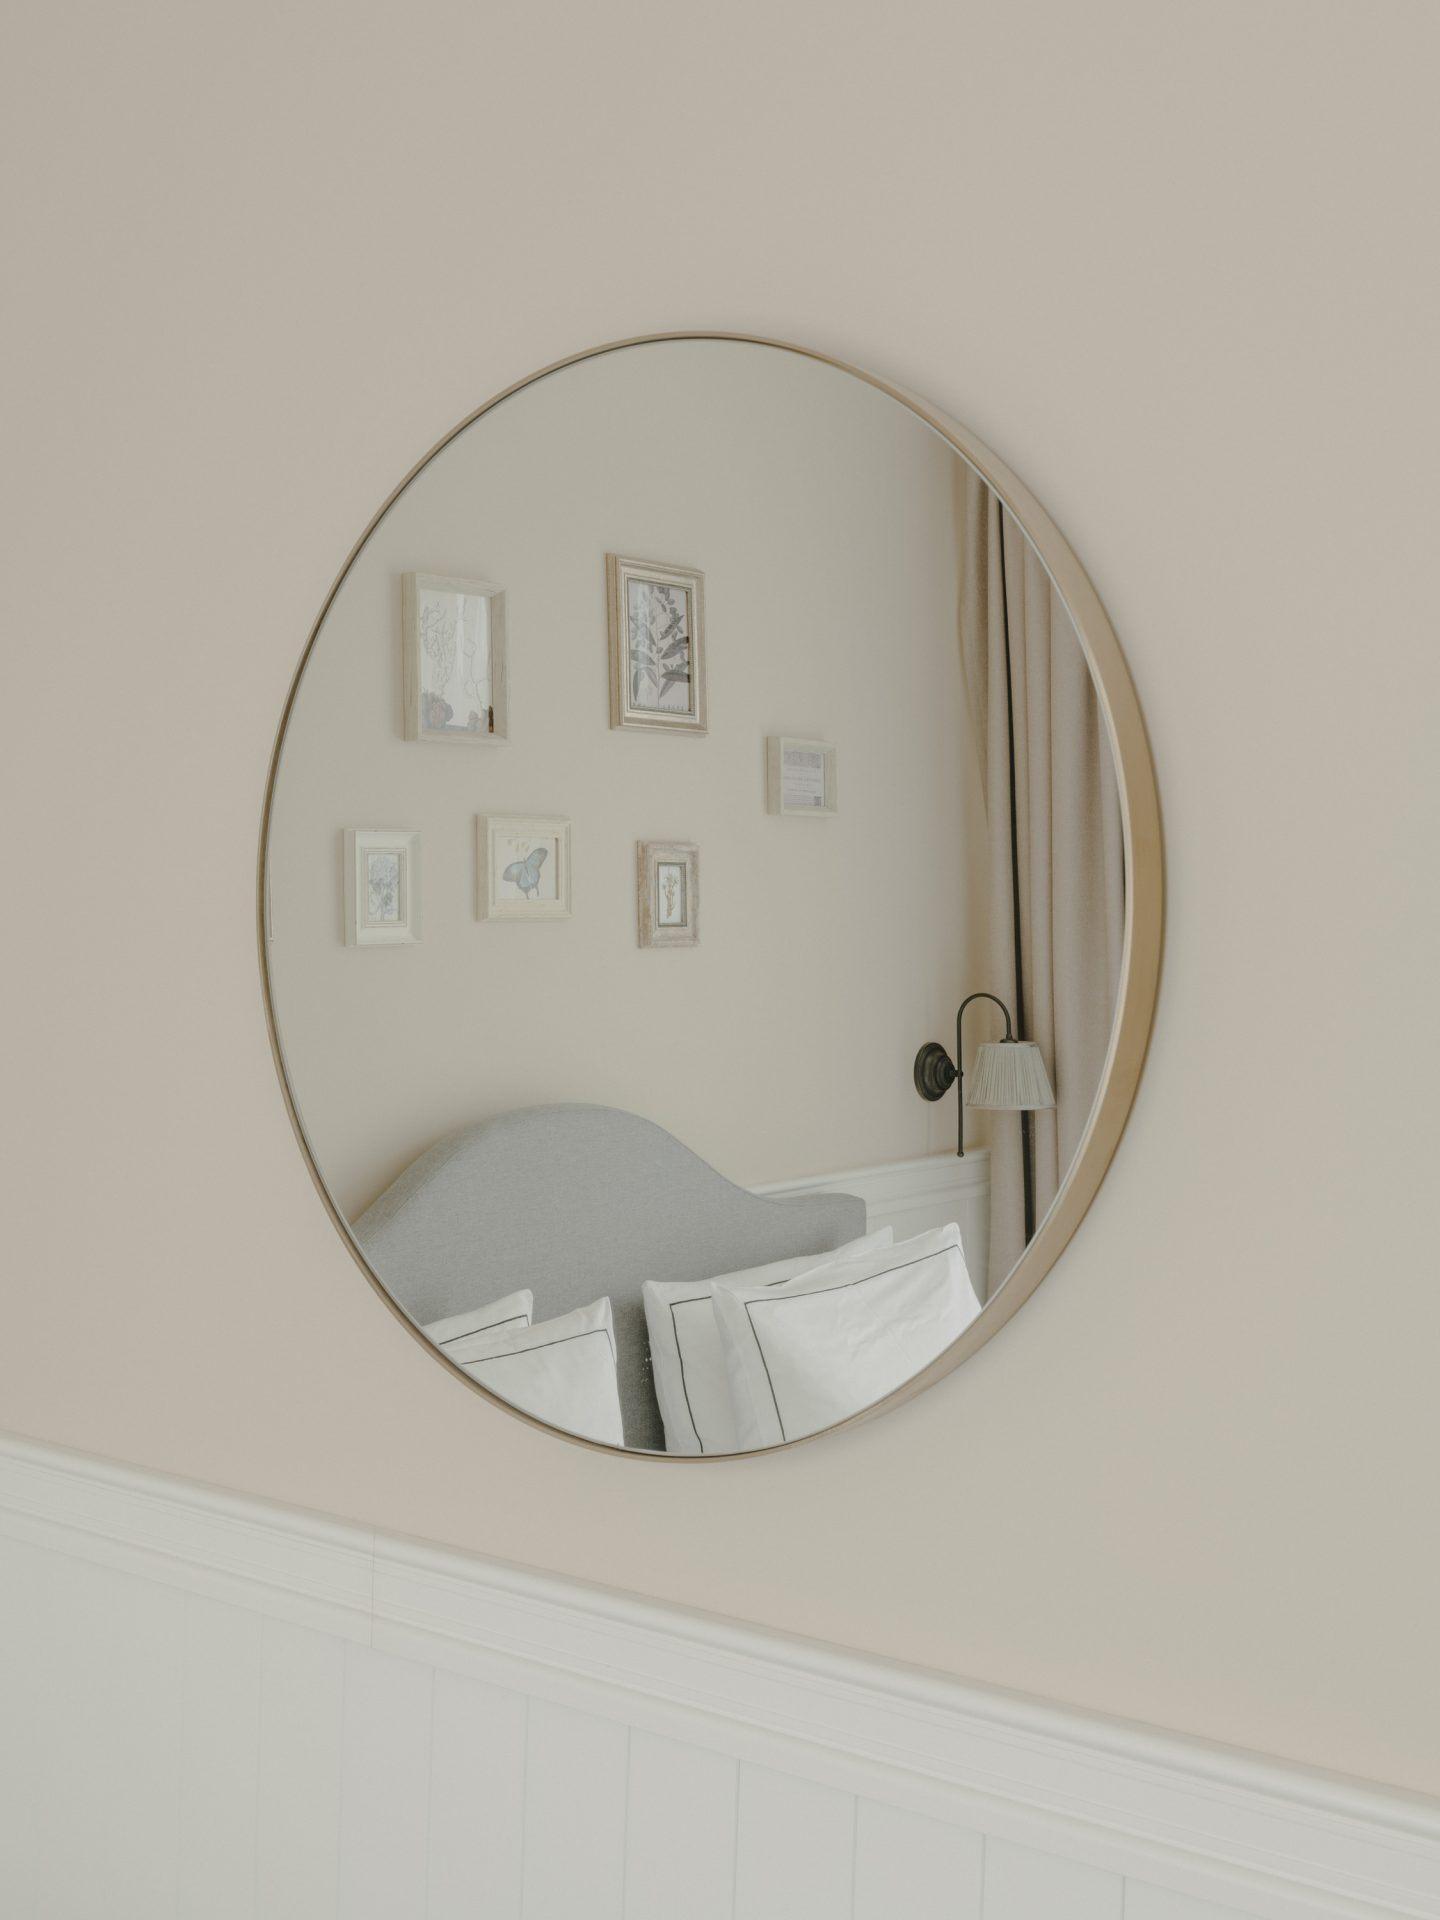 19-11-Ignant-Strandhotel-Ahlbeck-10690